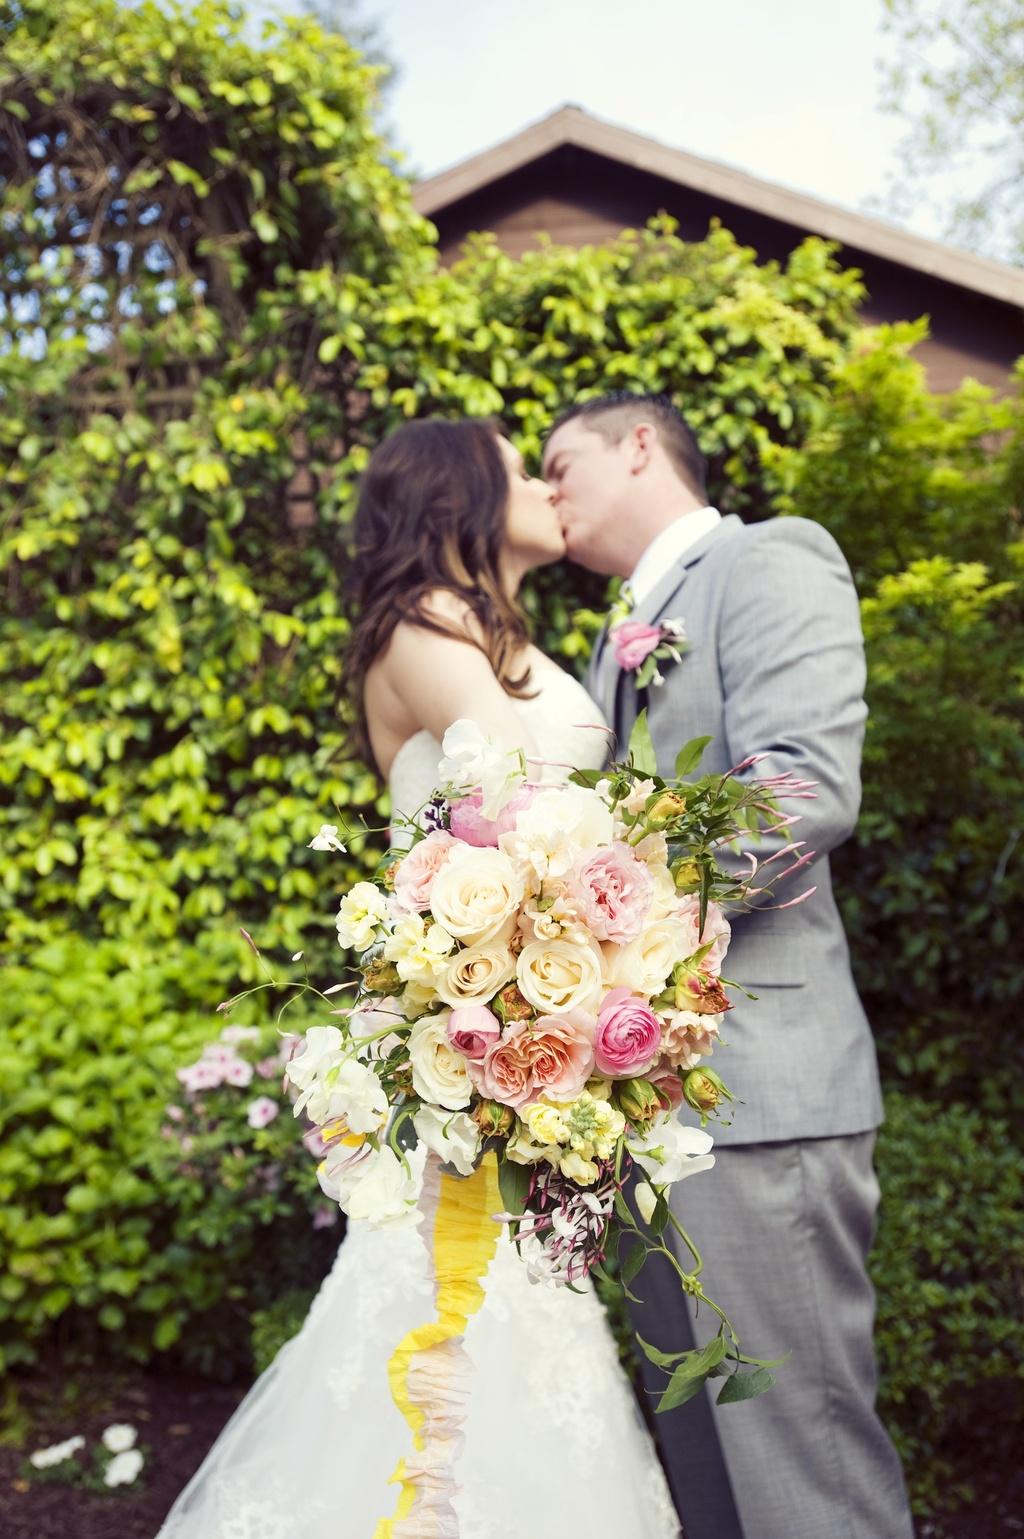 Whimsical-garden-wedding-bride-groom-kiss.full